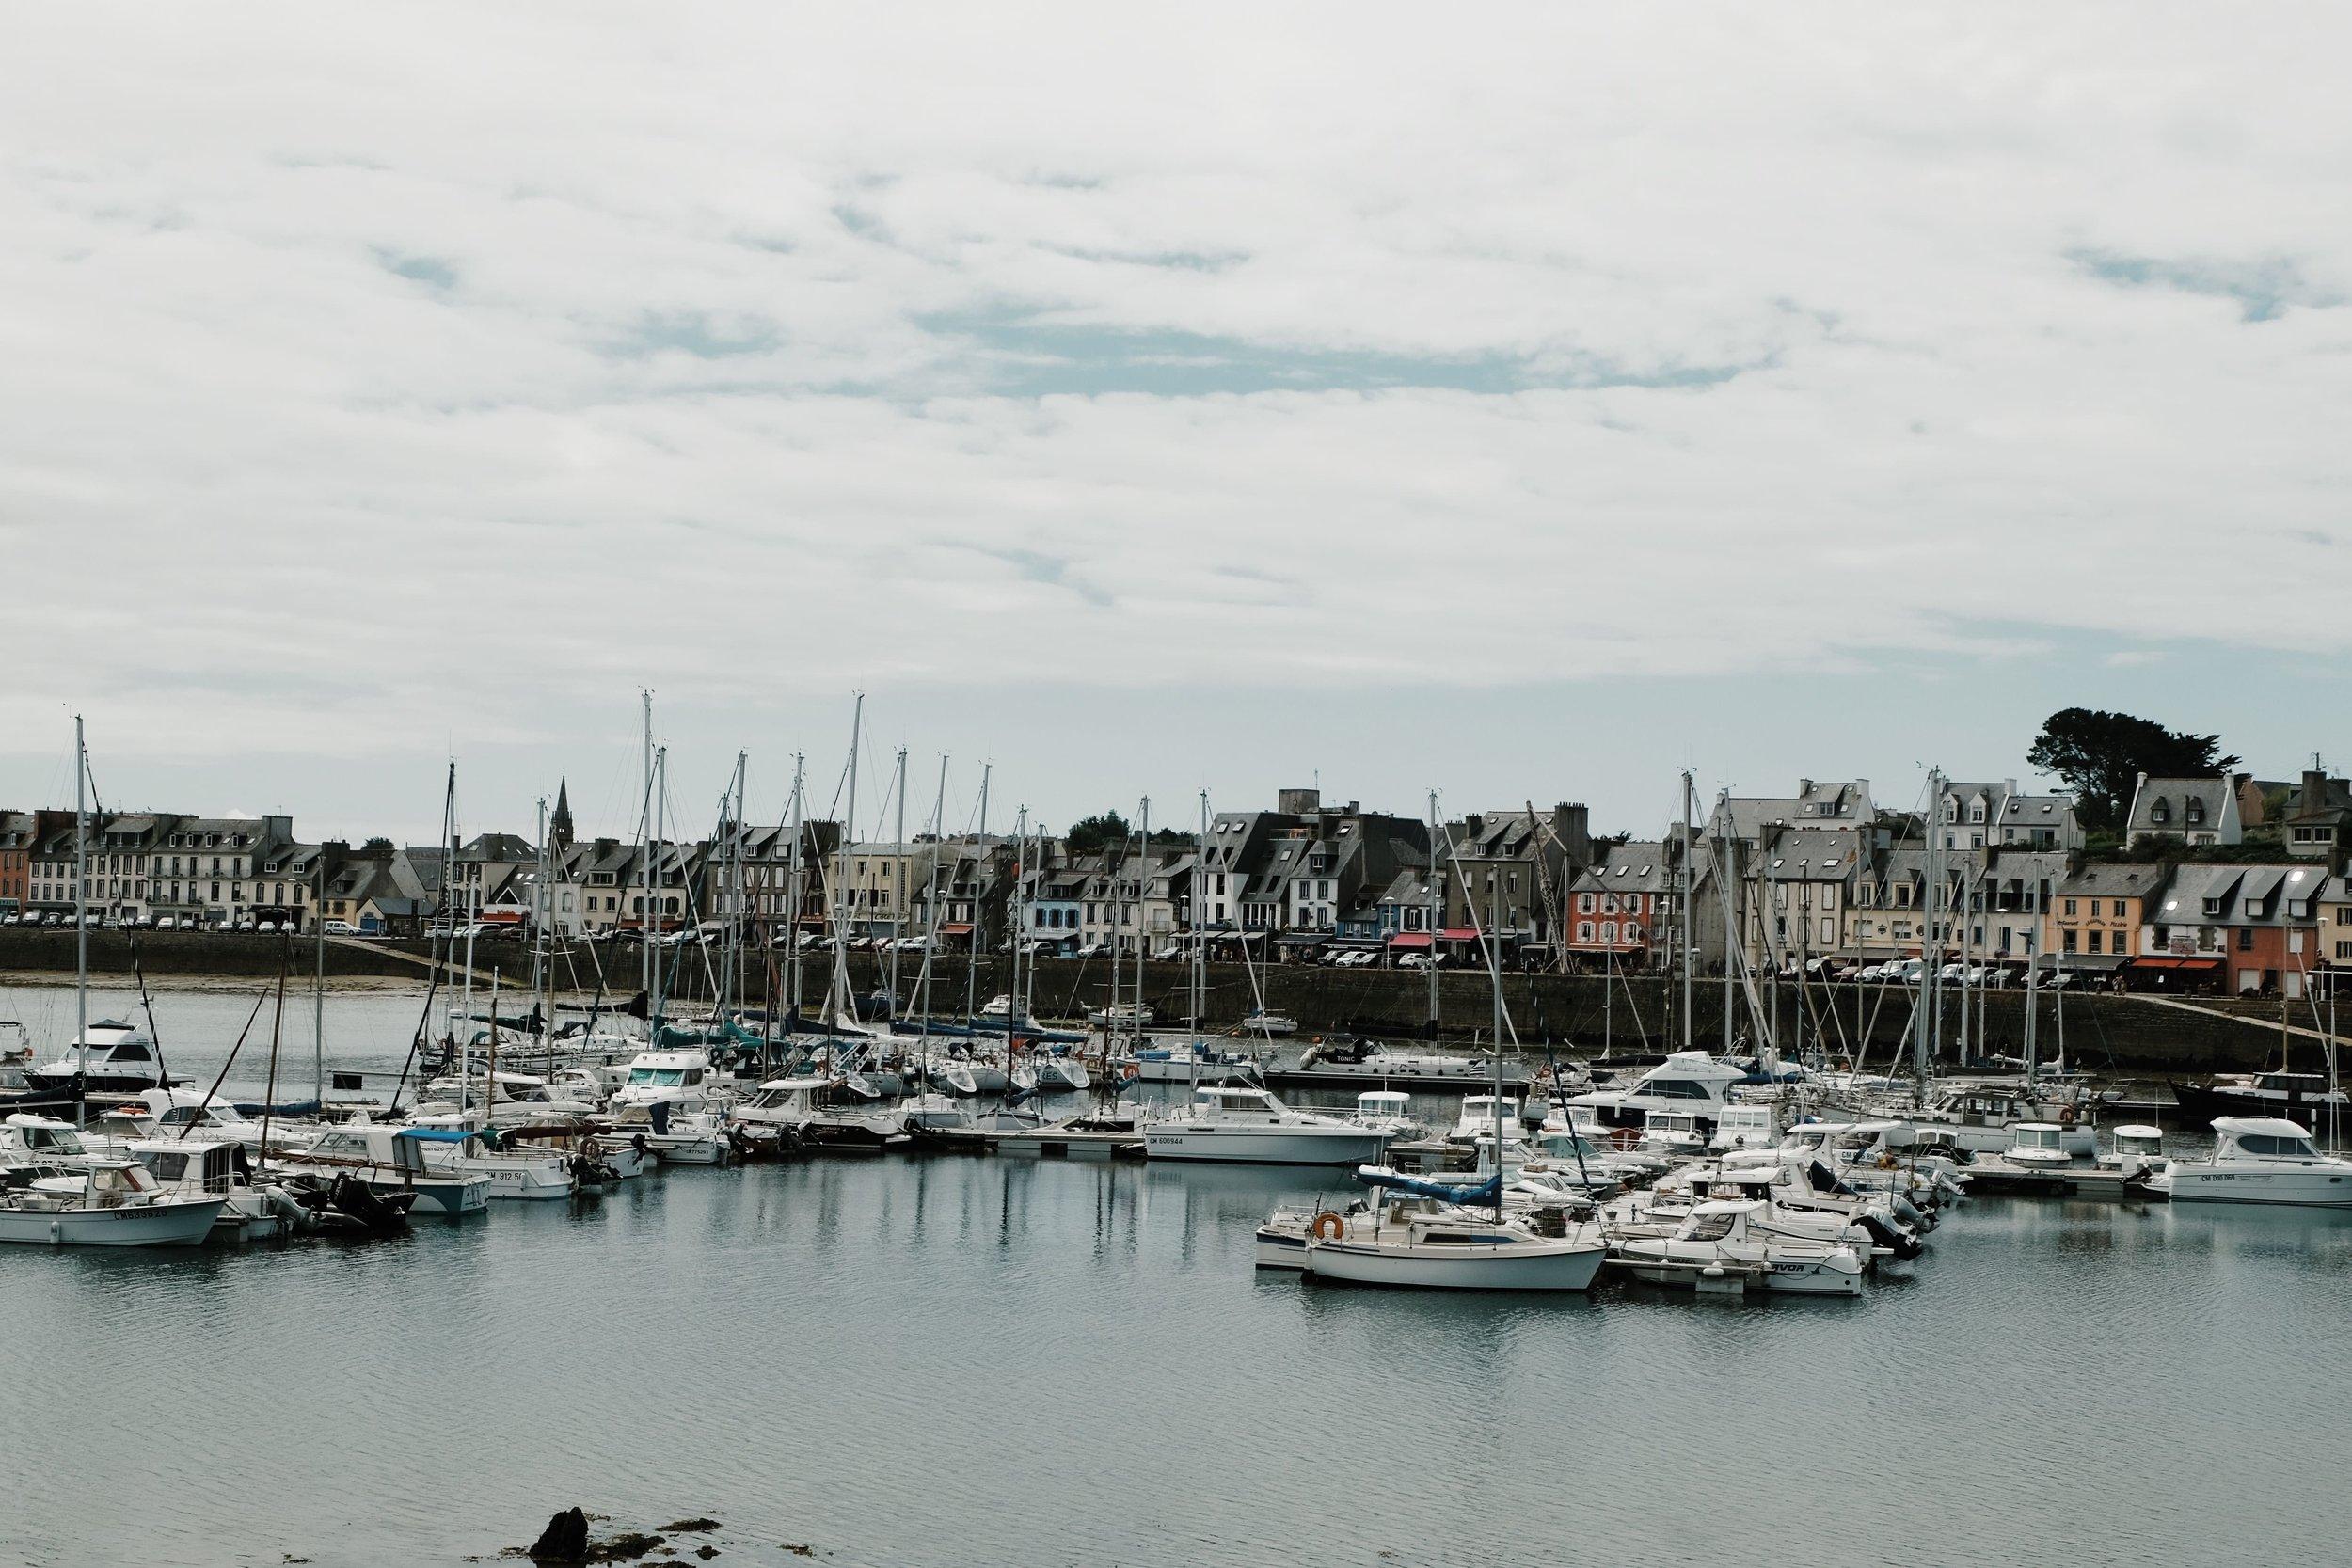 Carnet Sauvage - blog voyage Lille - visiter la Bretagne - presqu'ile de Crozon - Camaret sur mer 12.jpg